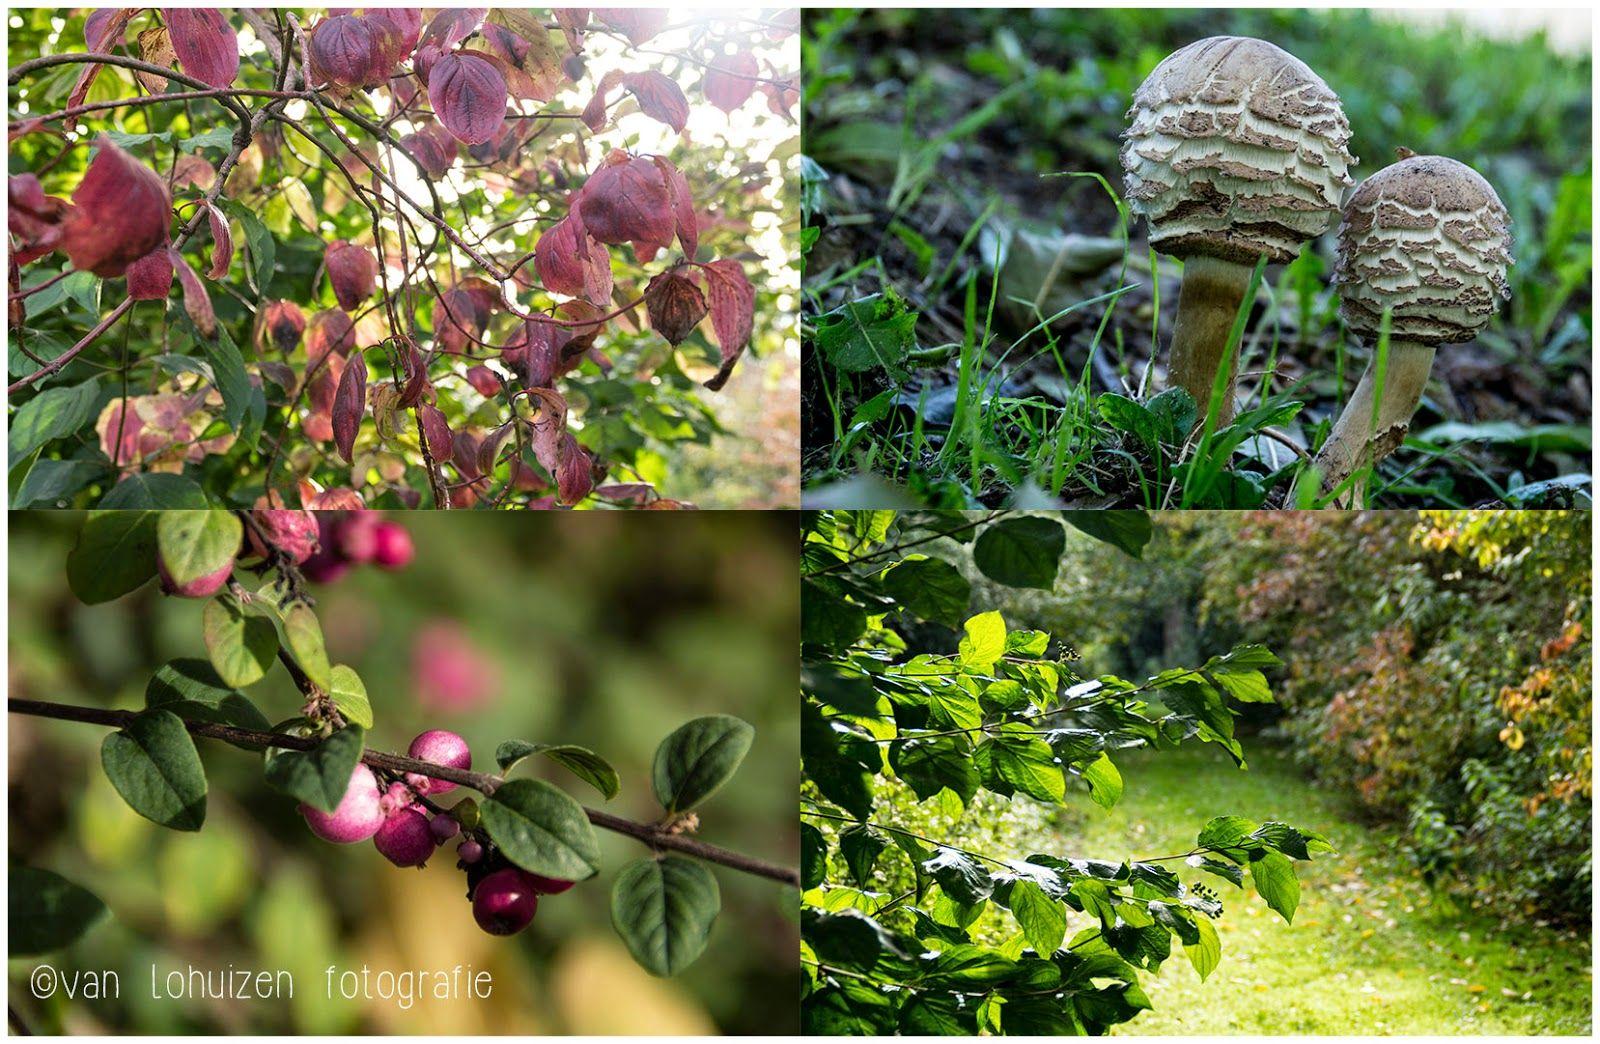 Fotografie & Lifestyle - Tips & Ideeën: Fotografeer de herfst!